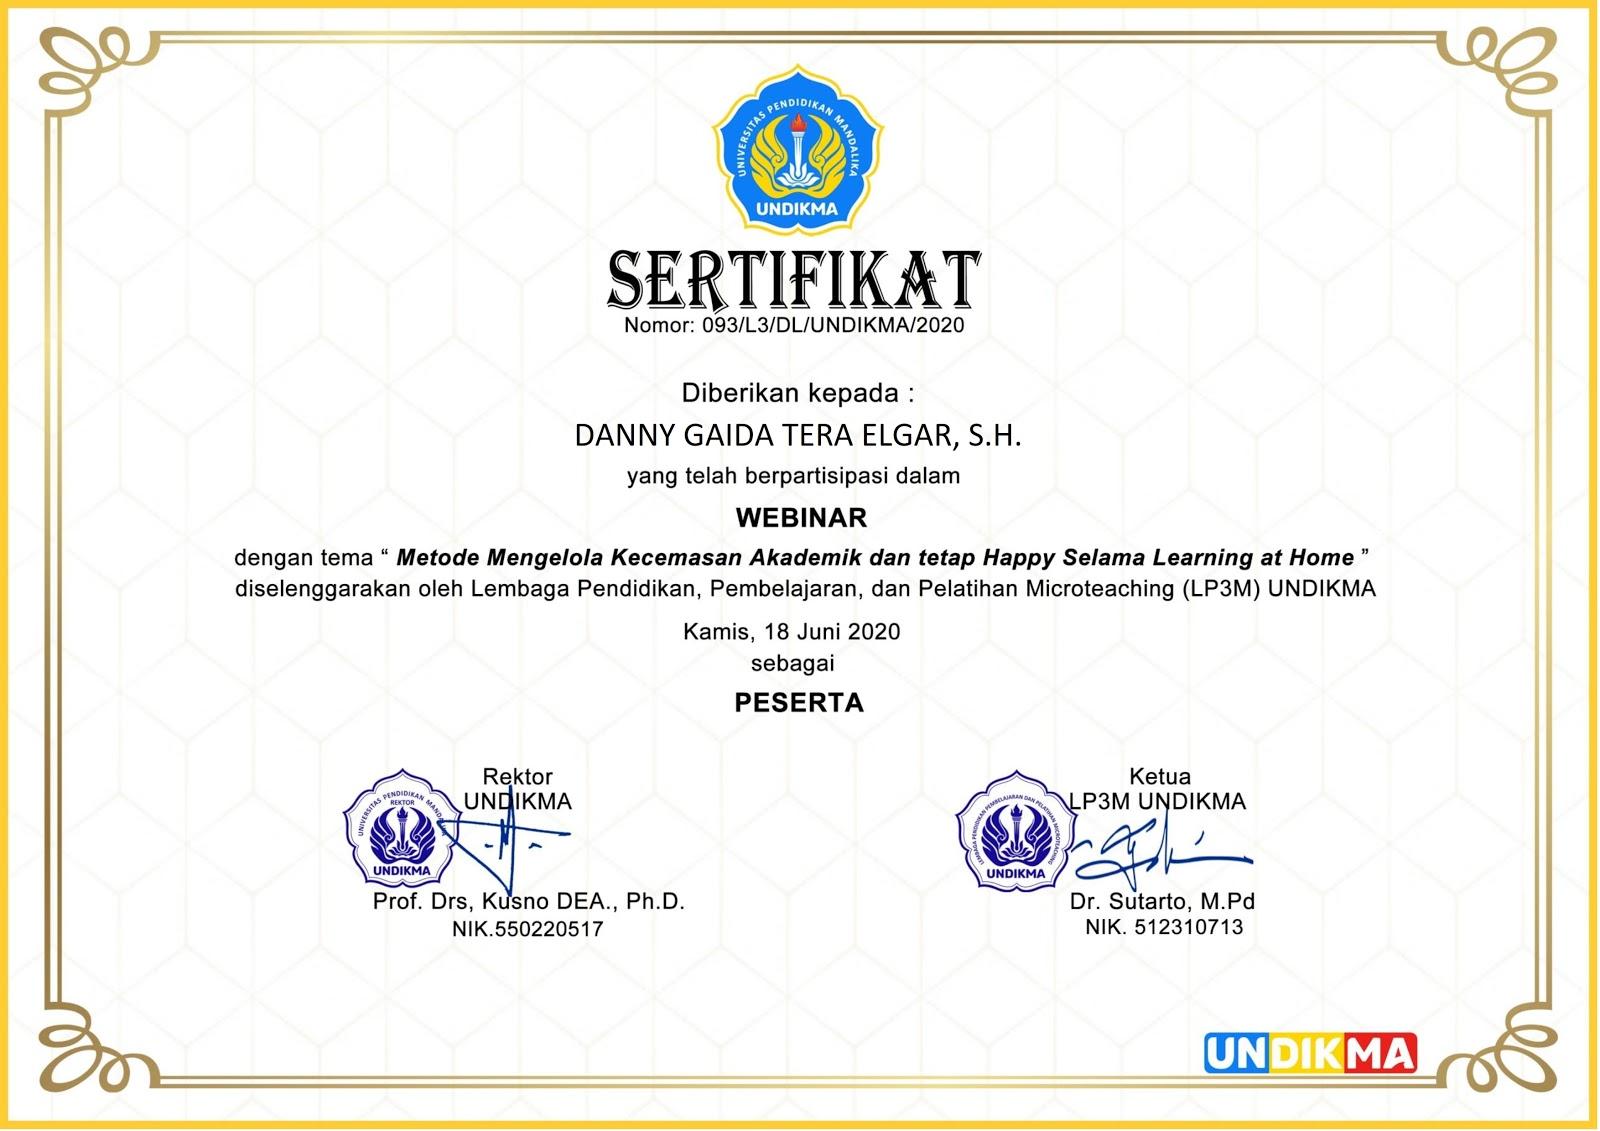 Sertifikat Universitas Pendidikan Mandalika (UNDIKMA) Mataram | Kamis, 18 Juni 2020